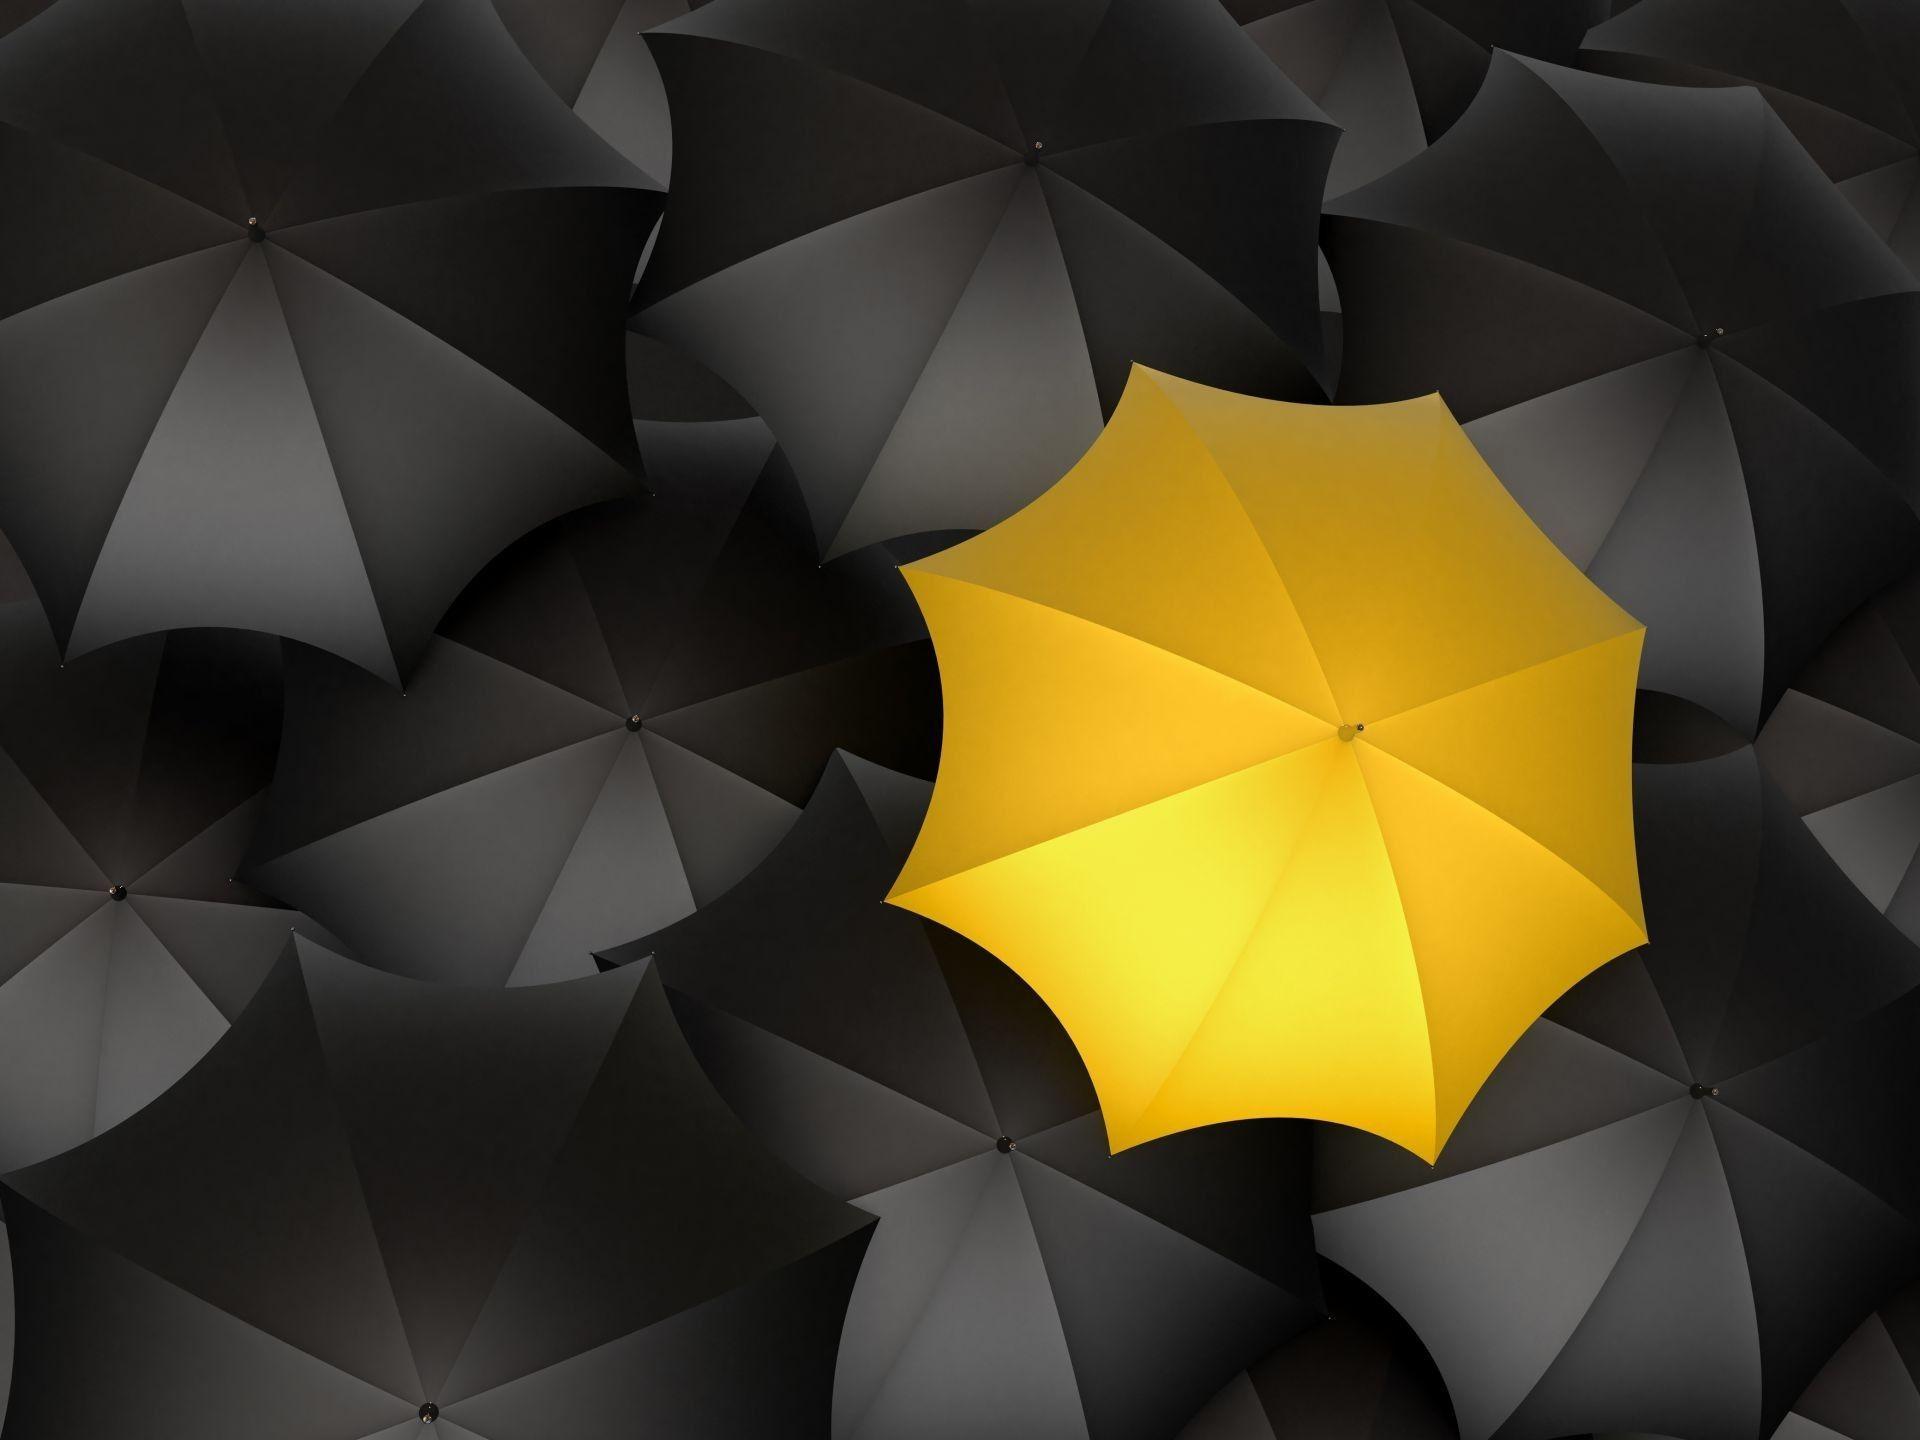 Wallpaper Umbrella Upside Down Floating Hd Creative: Umbrella Desktop Wallpapers